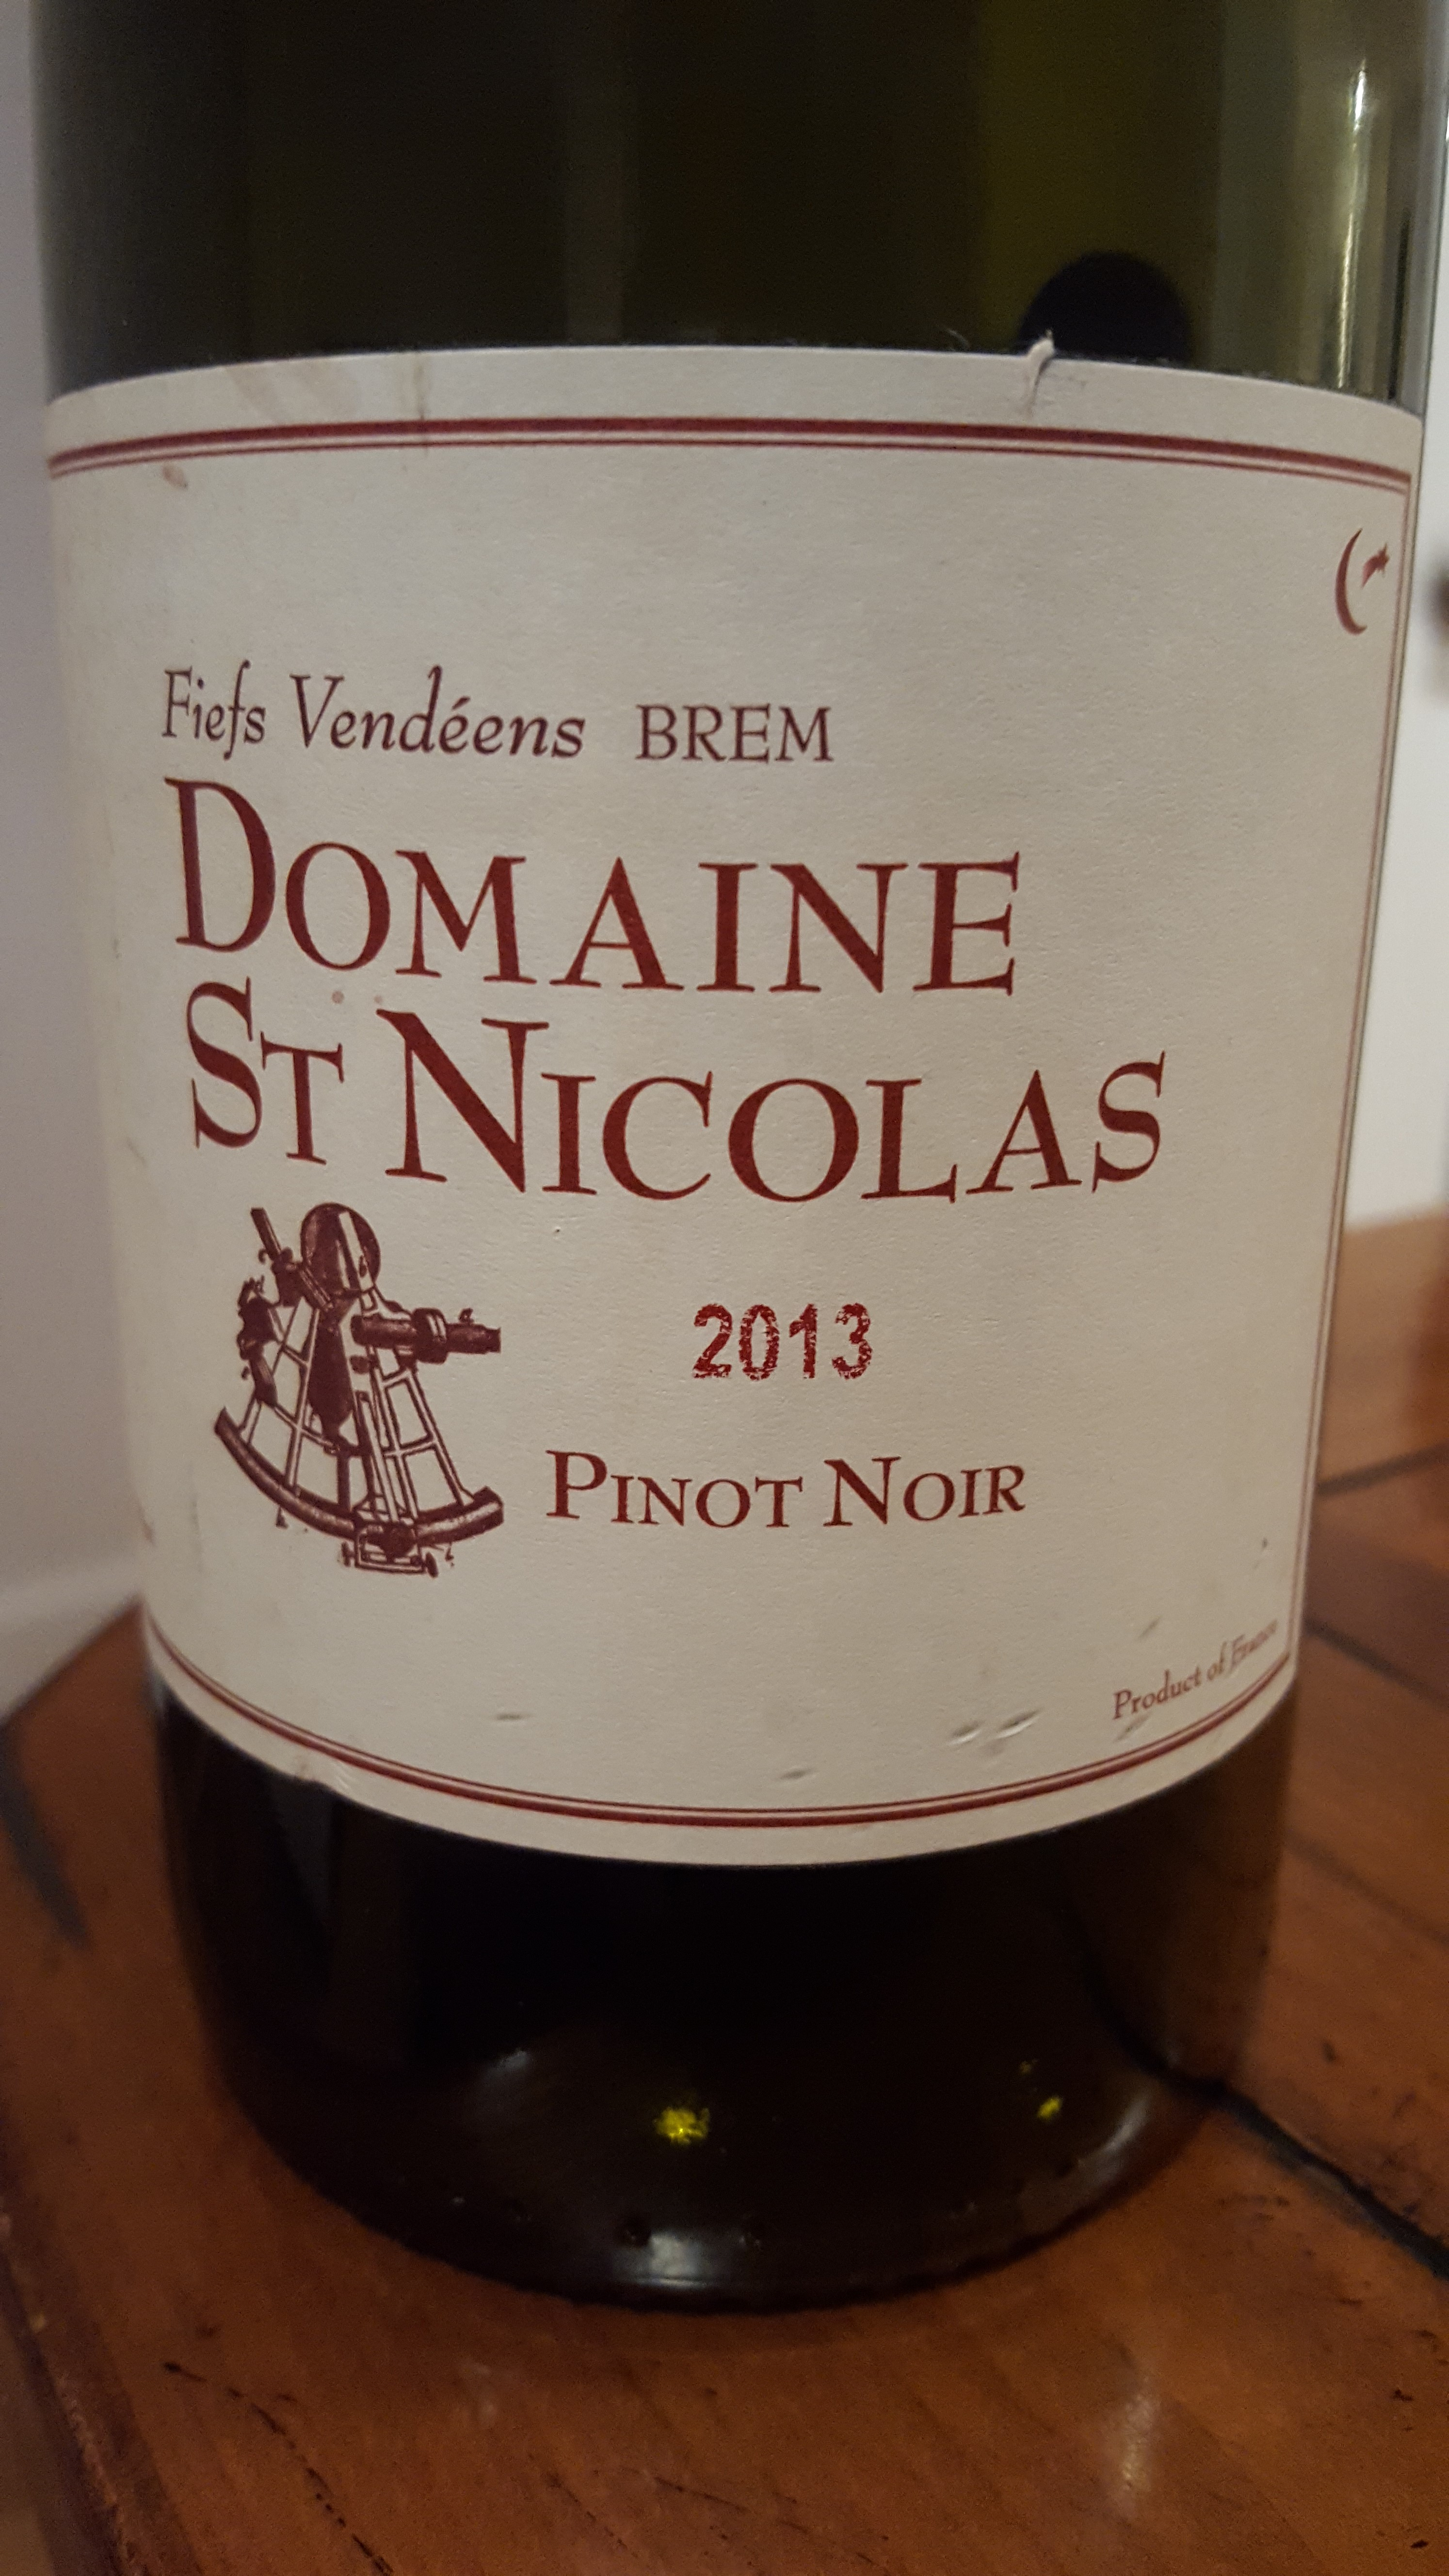 & Domaine Saint Nicolas Pinot Noir Fiefs Vendeéns Brem 2013   WINENOODLE